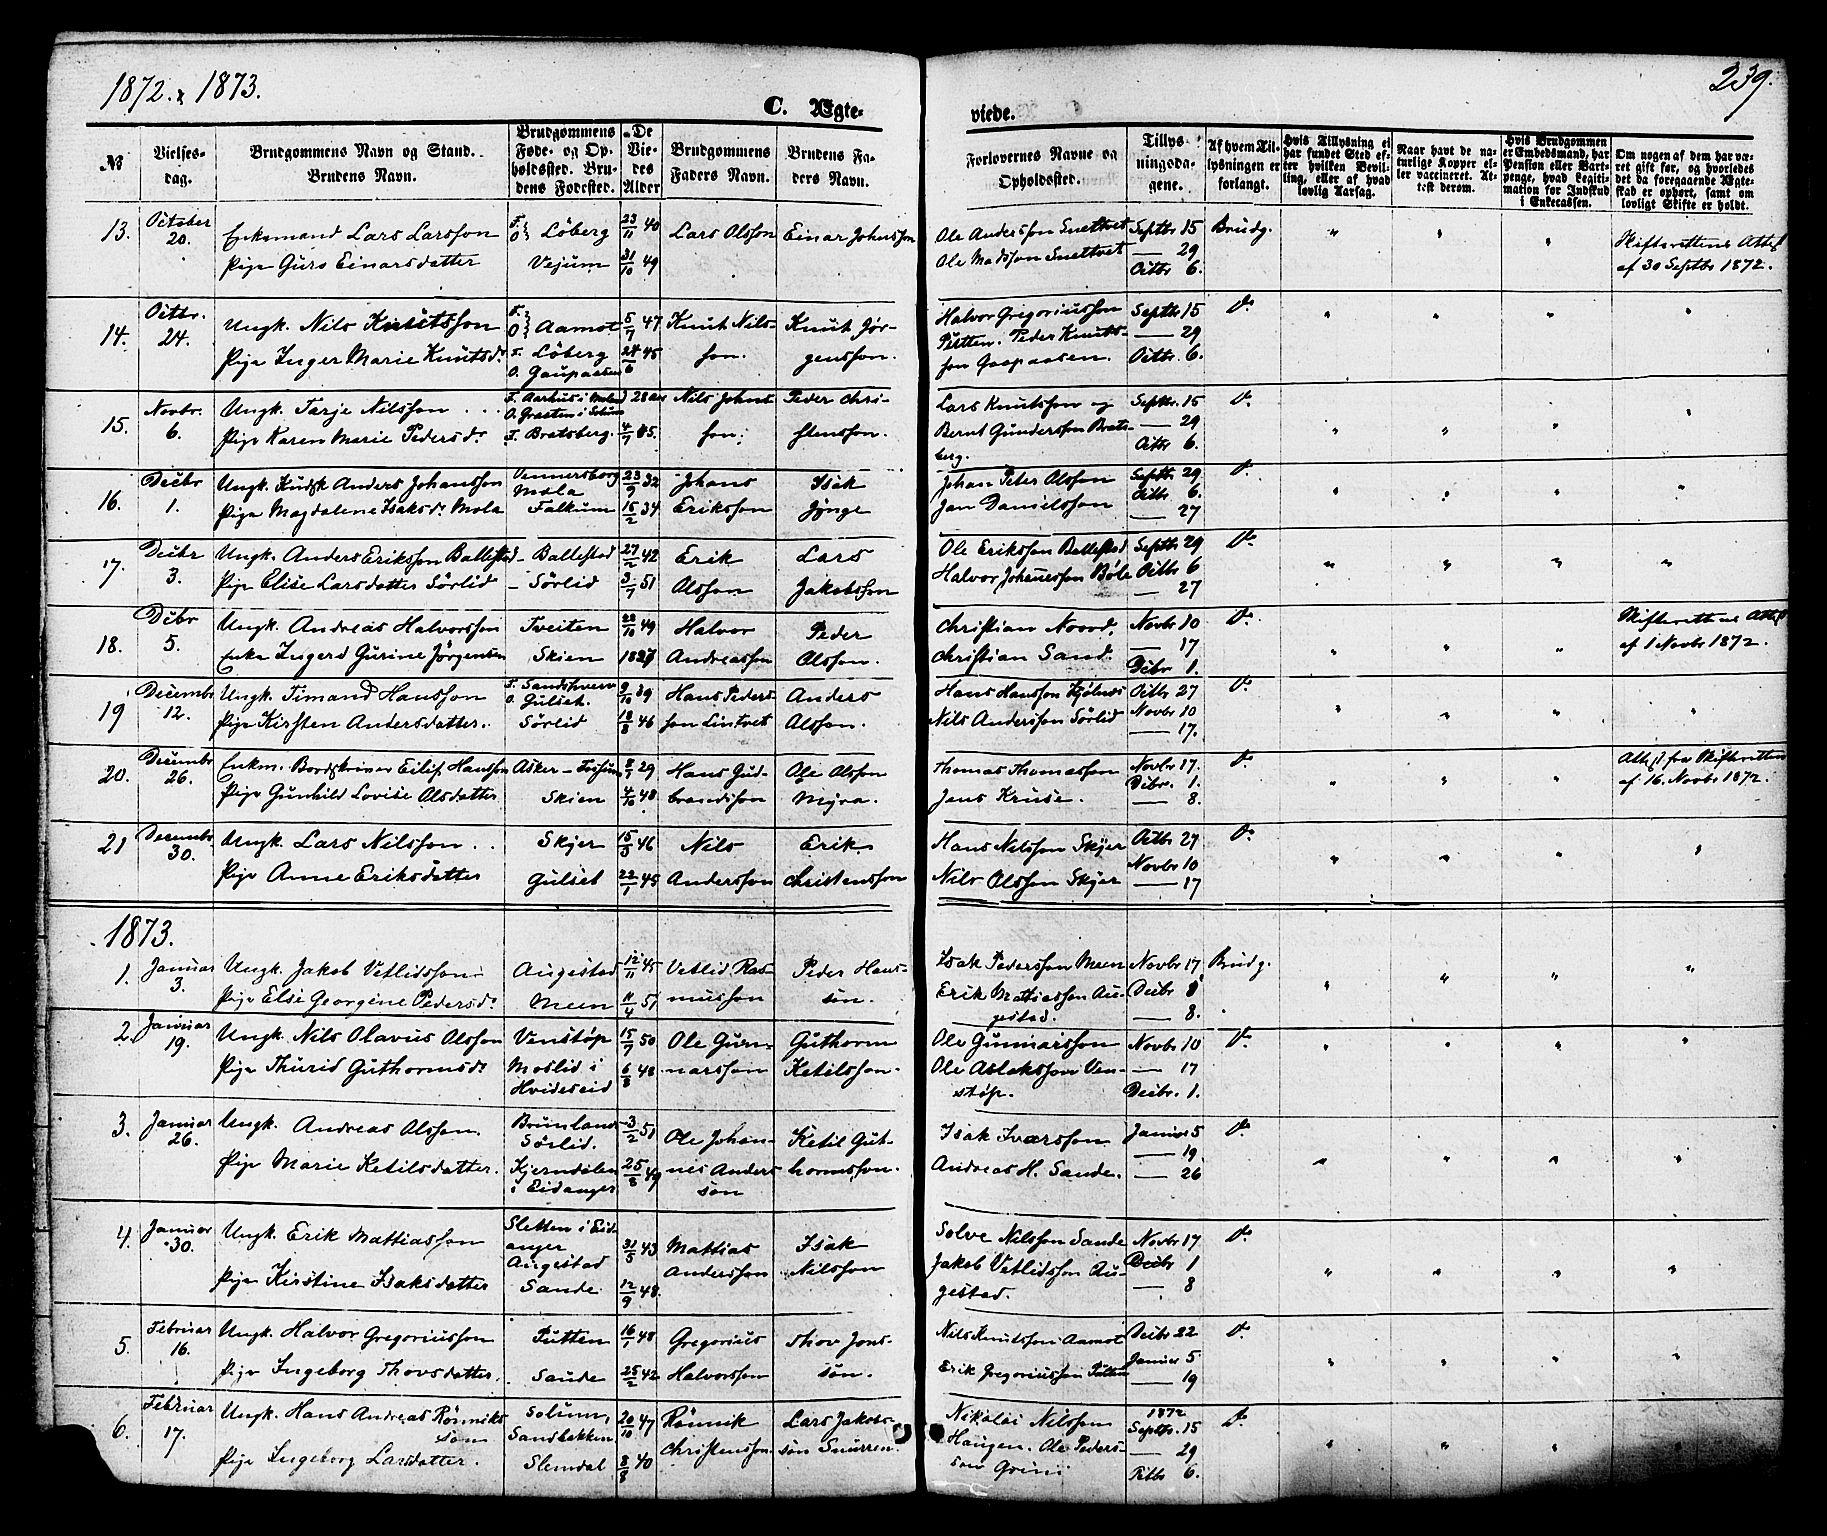 SAKO, Gjerpen kirkebøker, F/Fa/L0009: Ministerialbok nr. 9, 1872-1885, s. 239